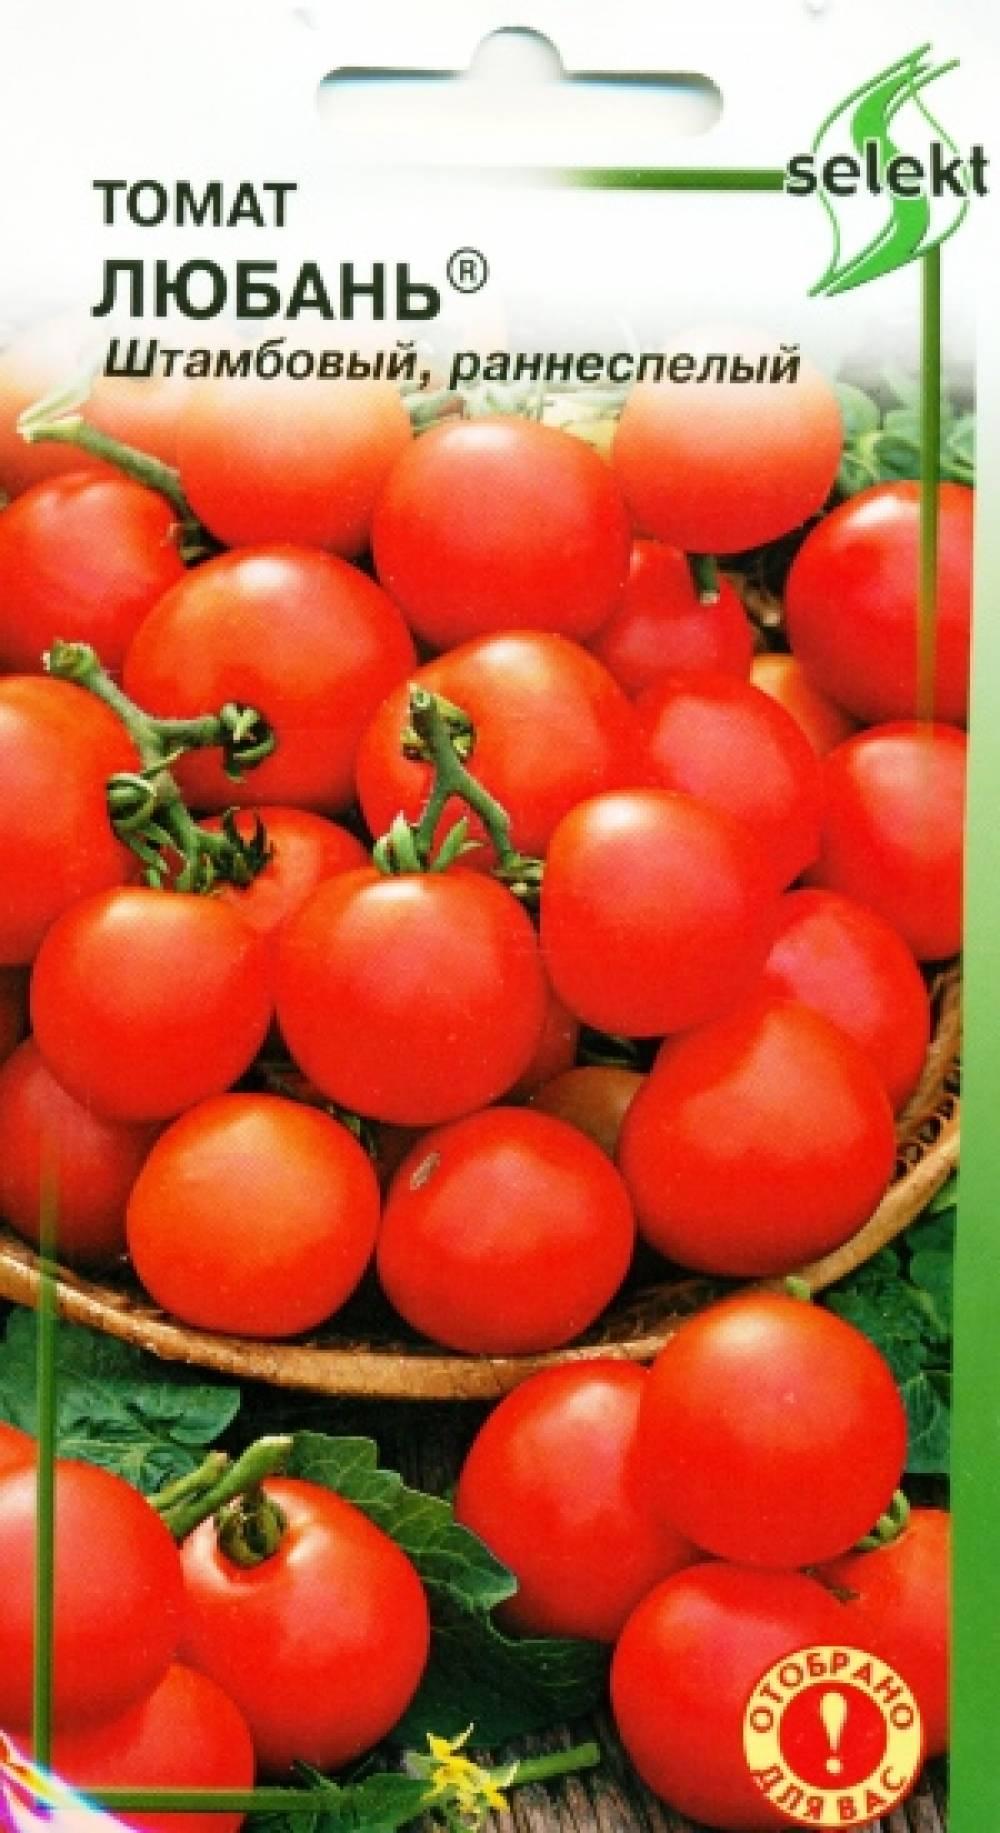 вас томат любань отзывы фото получаю много